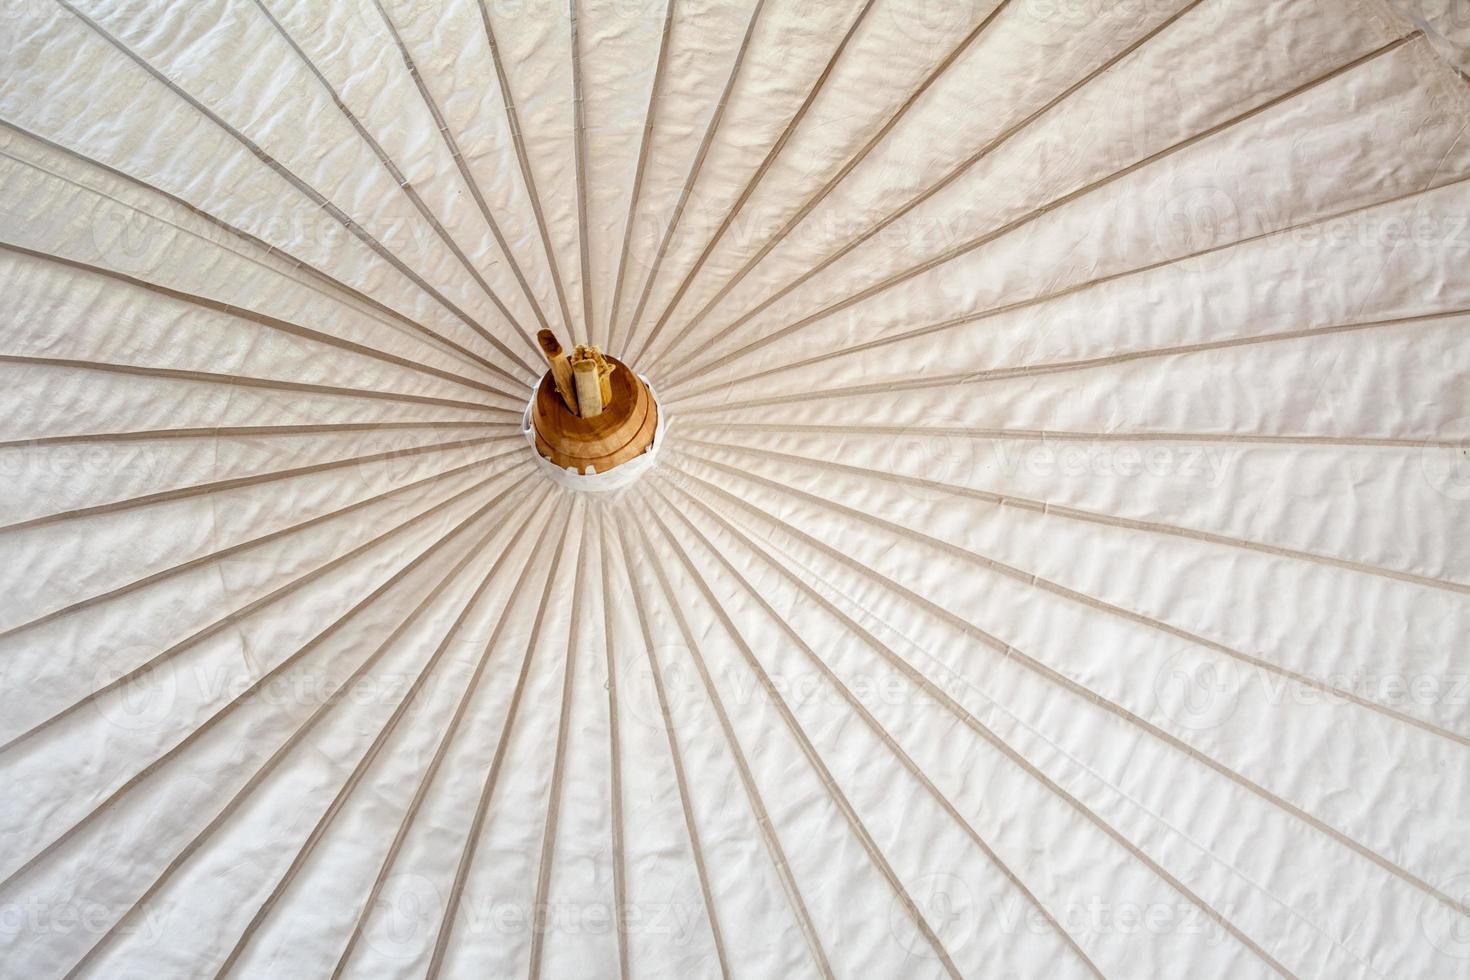 paraplu gemaakt van papier / doek kunstnijverheid foto